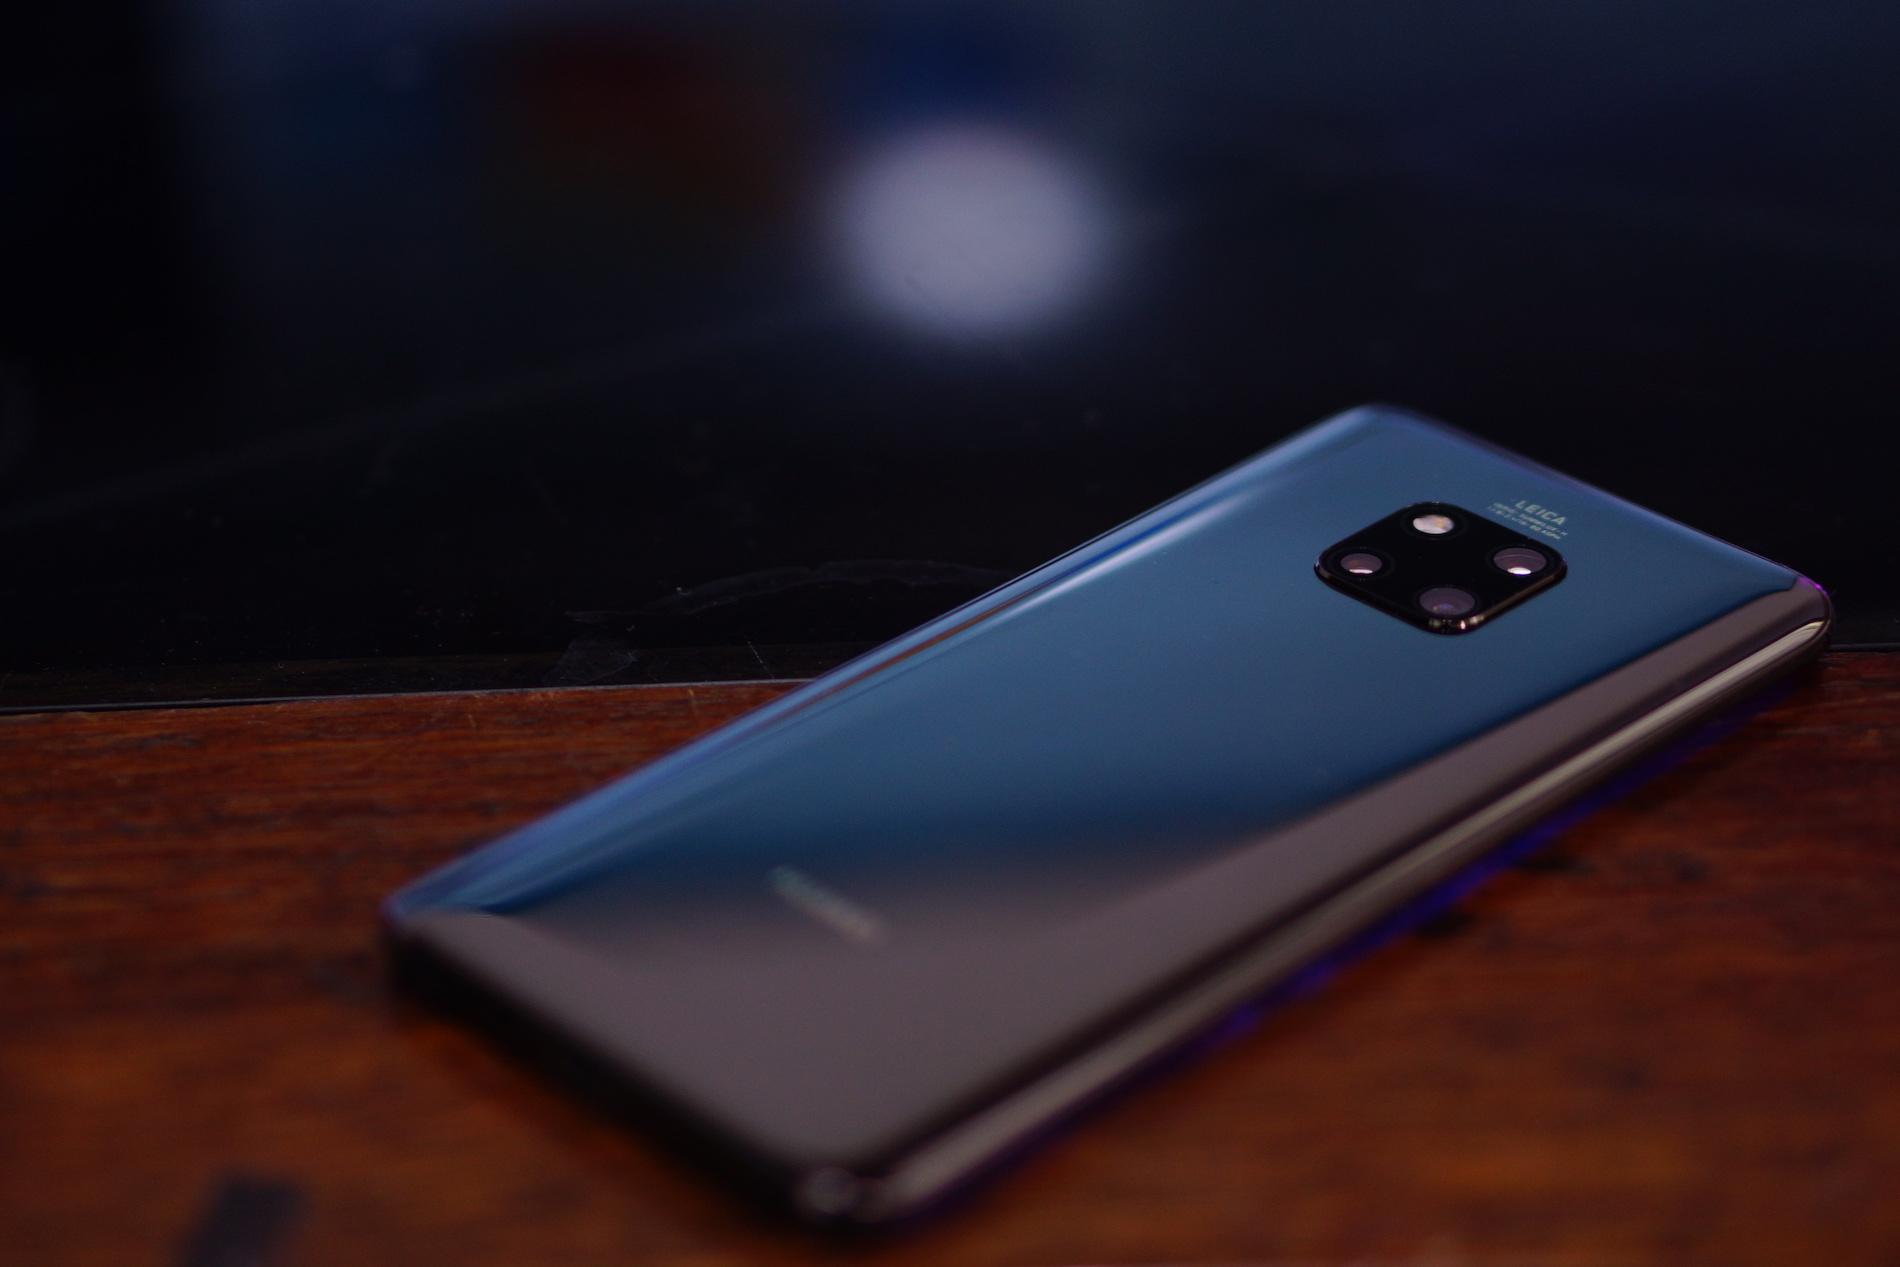 11b64d6a94a Huawei sigue también explorando una variedad de colores y tonalidades con  sus teléfonos – algo que me encantó en el P20 – y ahora nos trae una  versión de ...